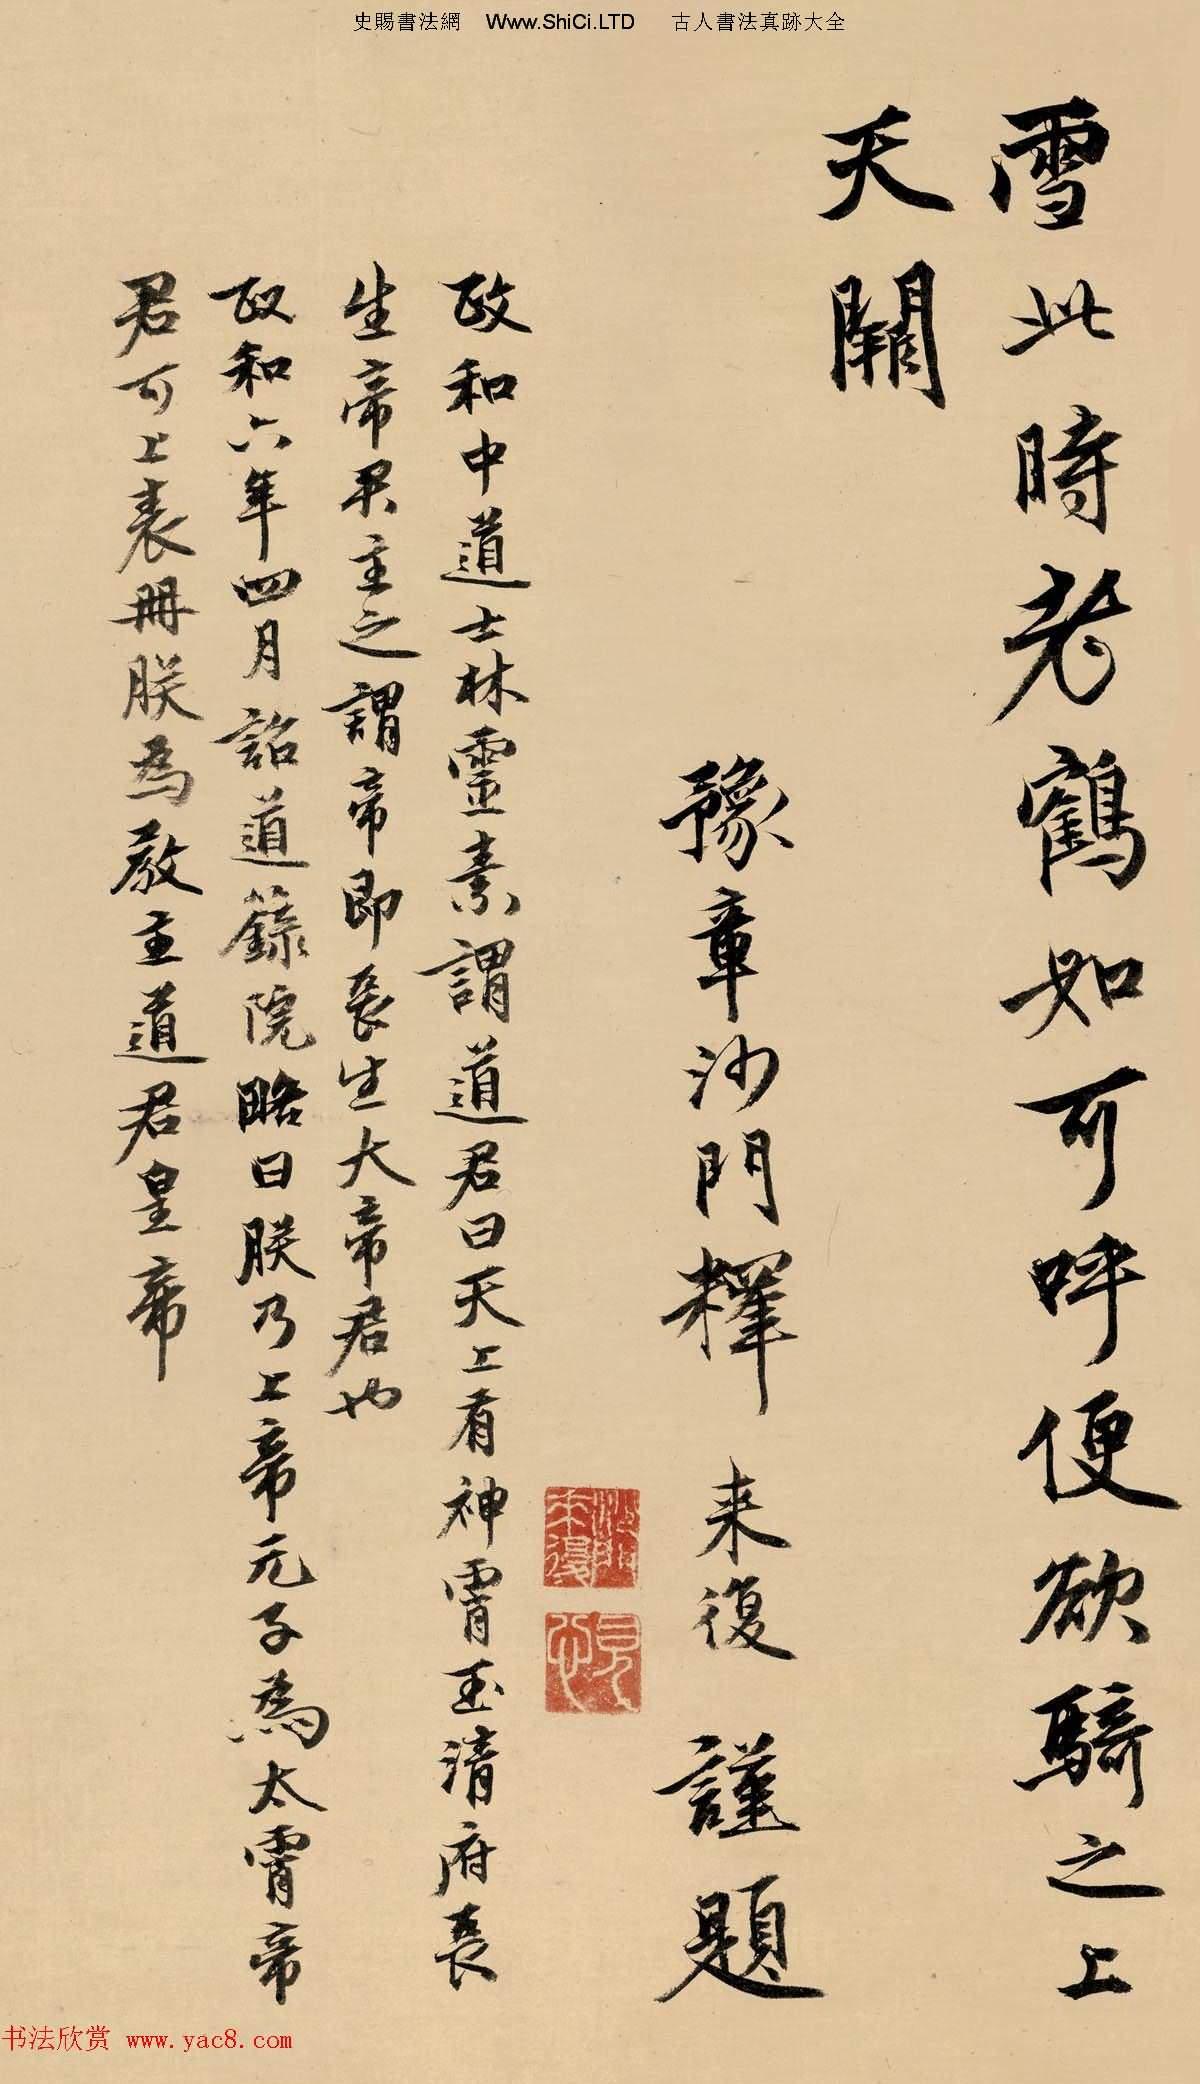 元末明初臨濟宗名僧釋來復書法跋趙佶瑞鶴圖